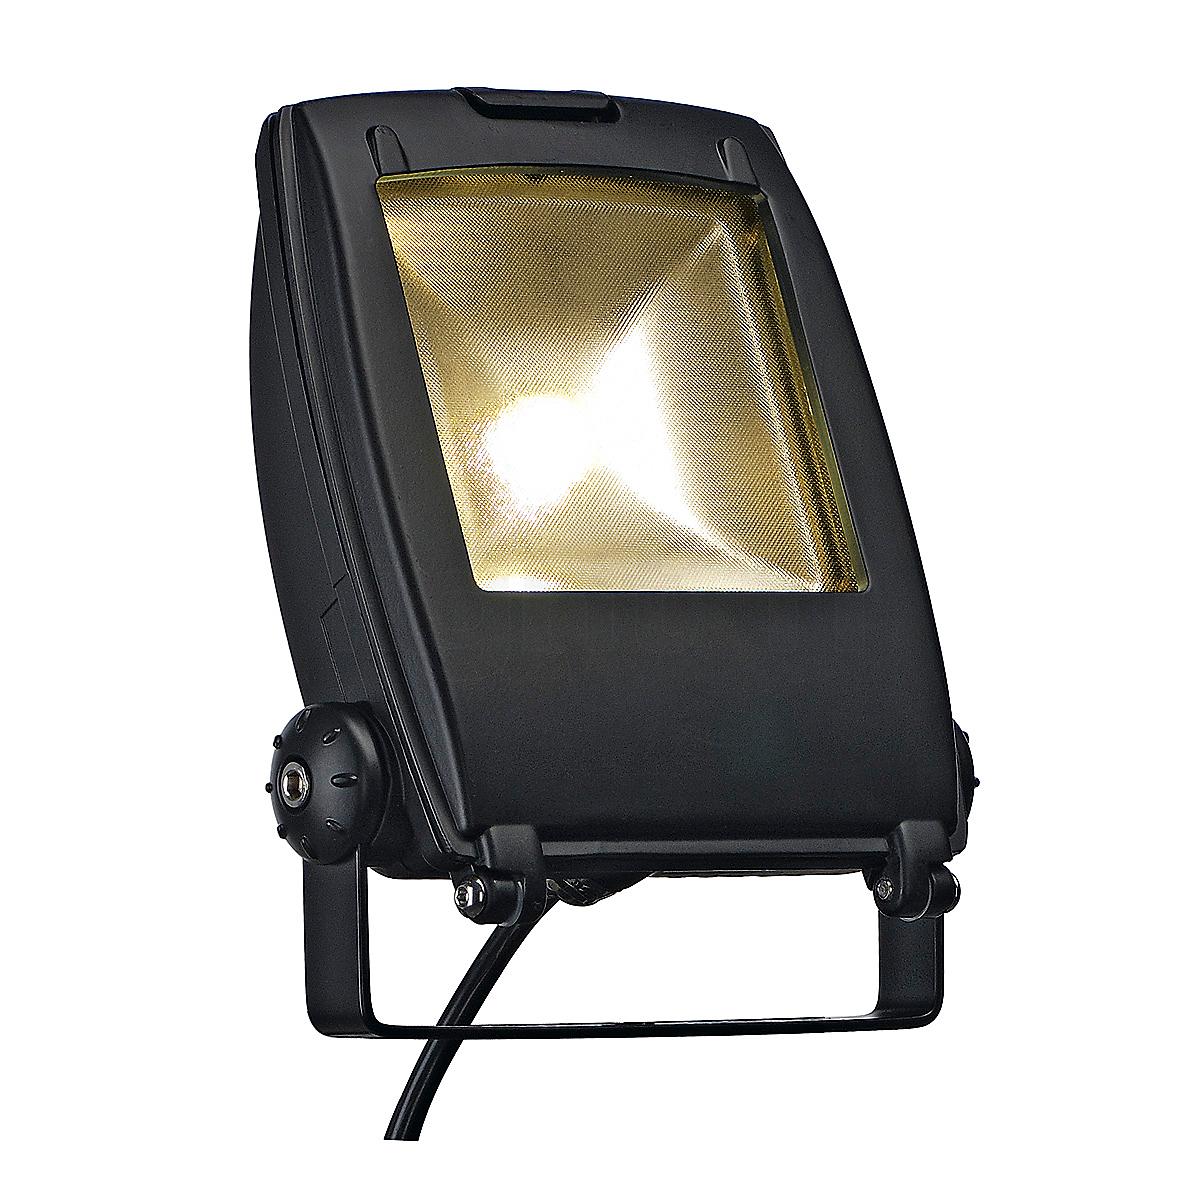 slv leuchten flood light led 10 w bodenleuchte kaufen bei. Black Bedroom Furniture Sets. Home Design Ideas